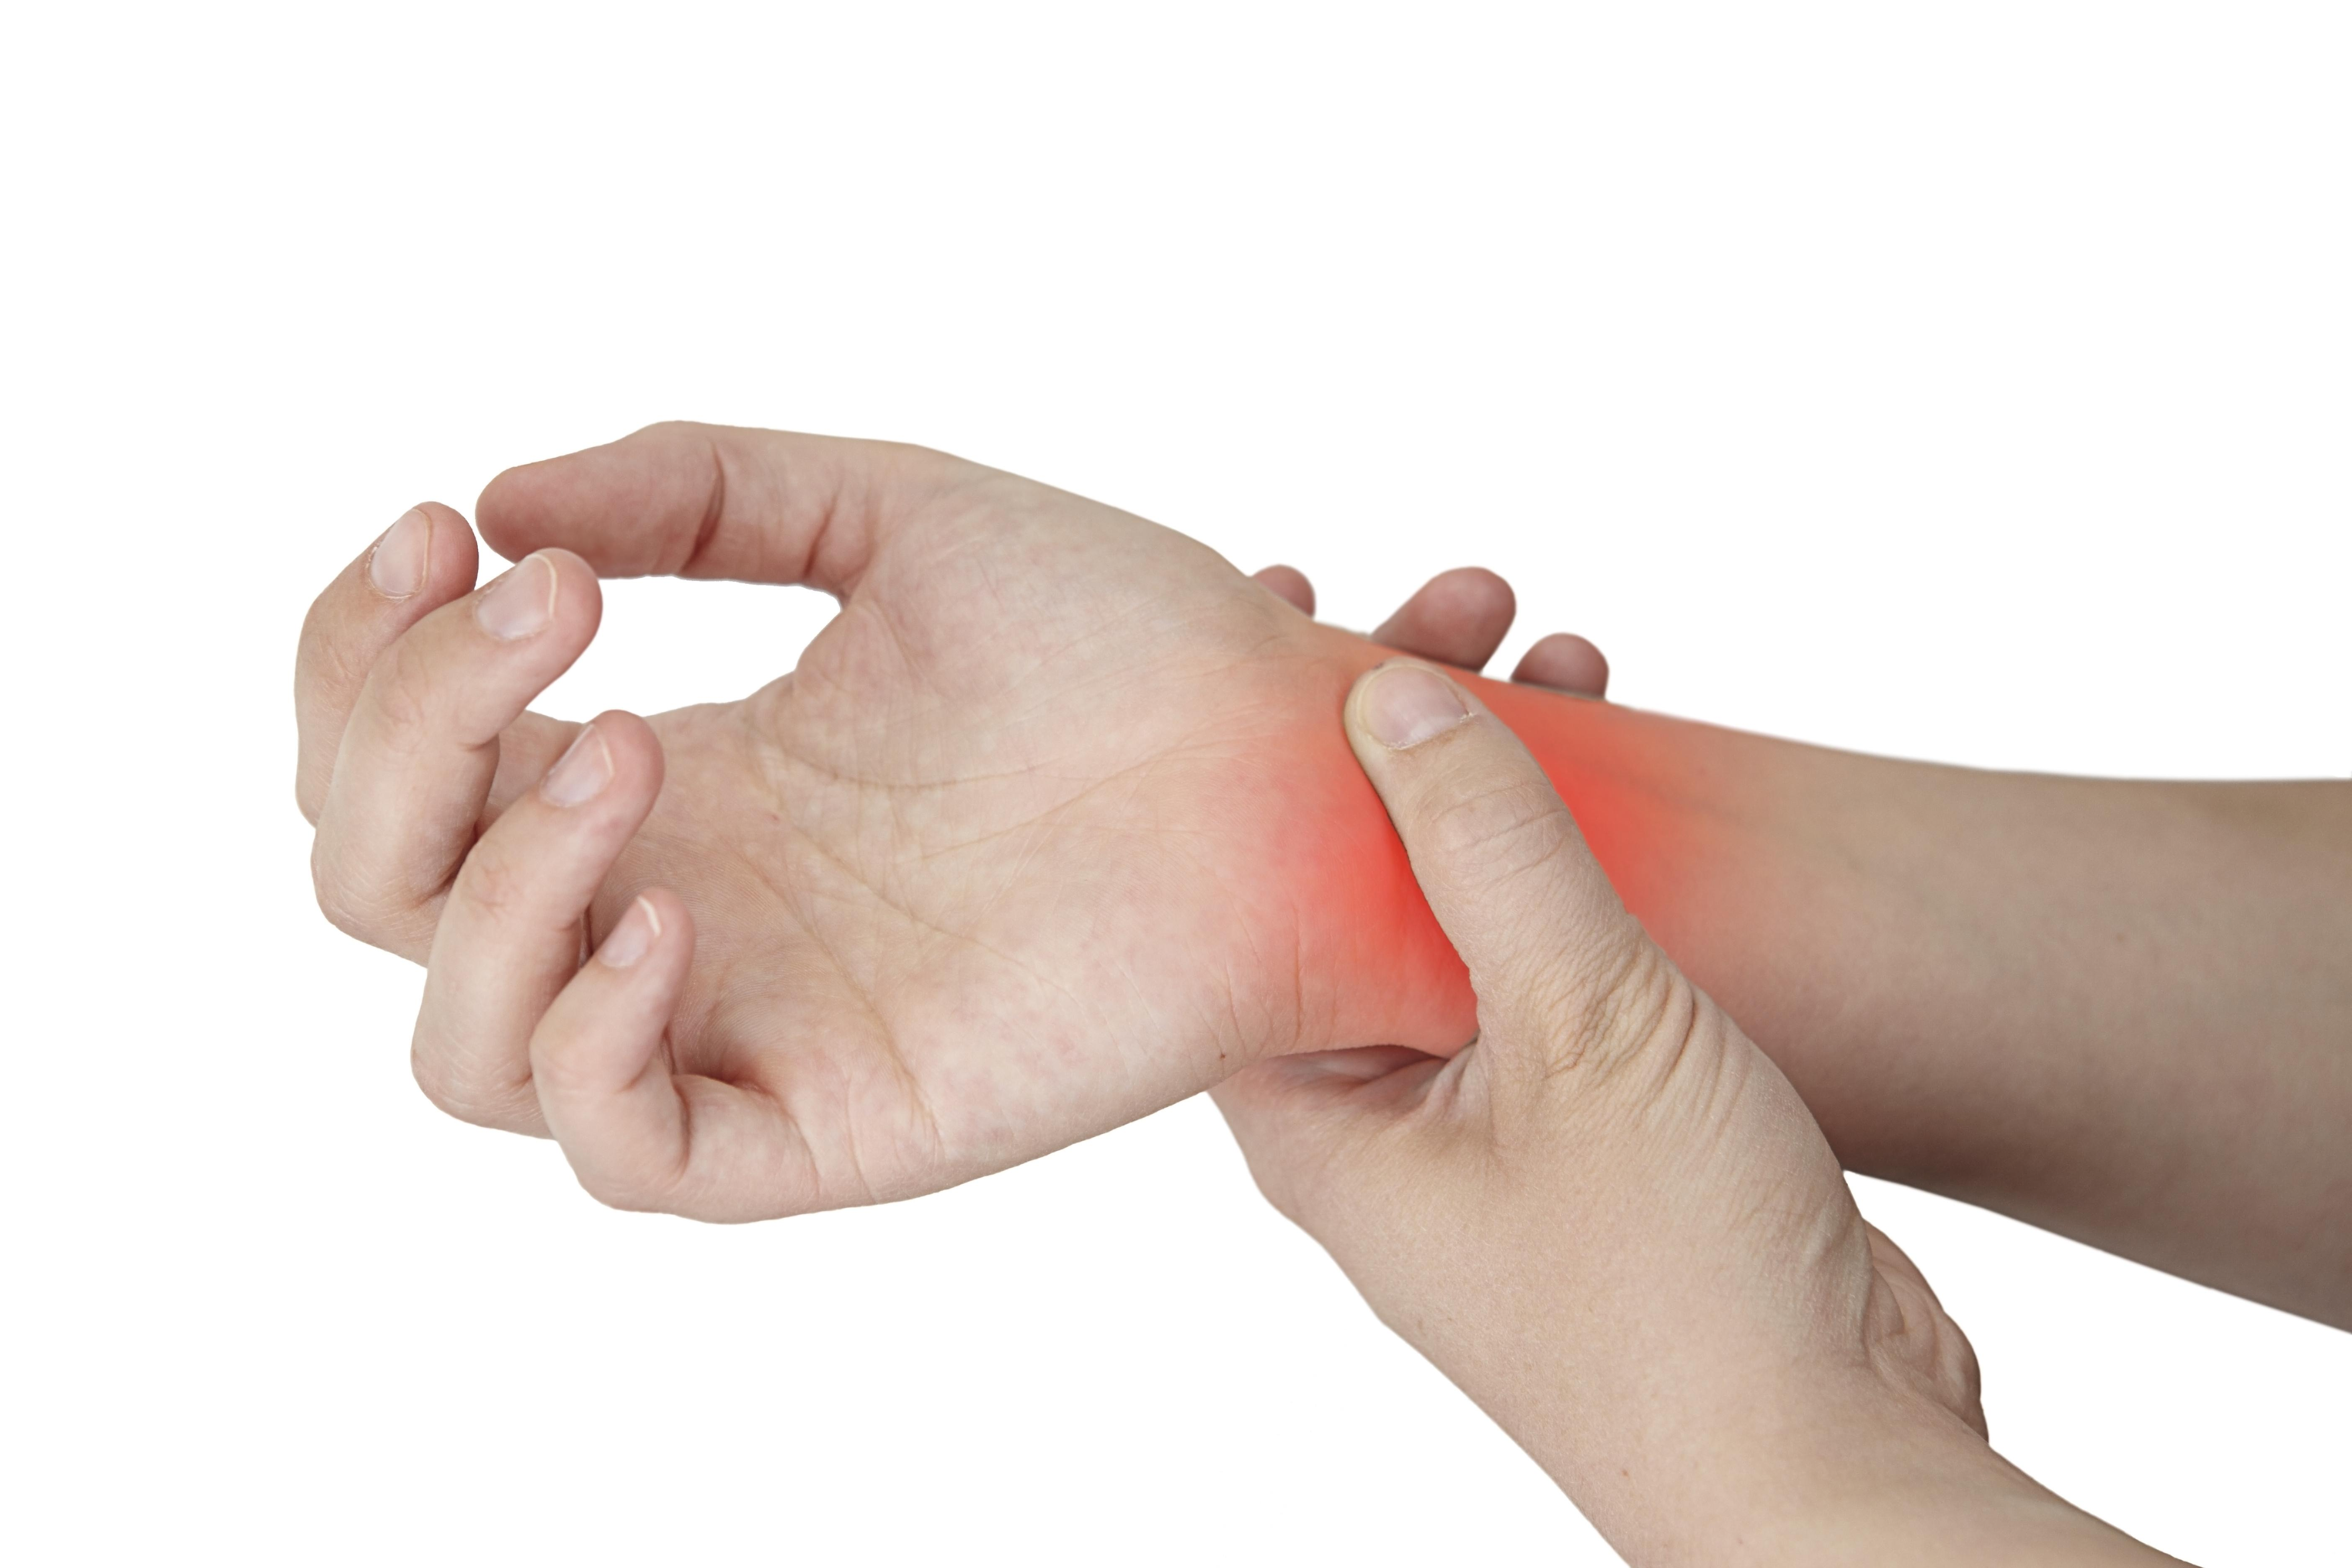 Ácido Úrico: Como é Formado, Prevenir e Sintomas do Ácido Úrico